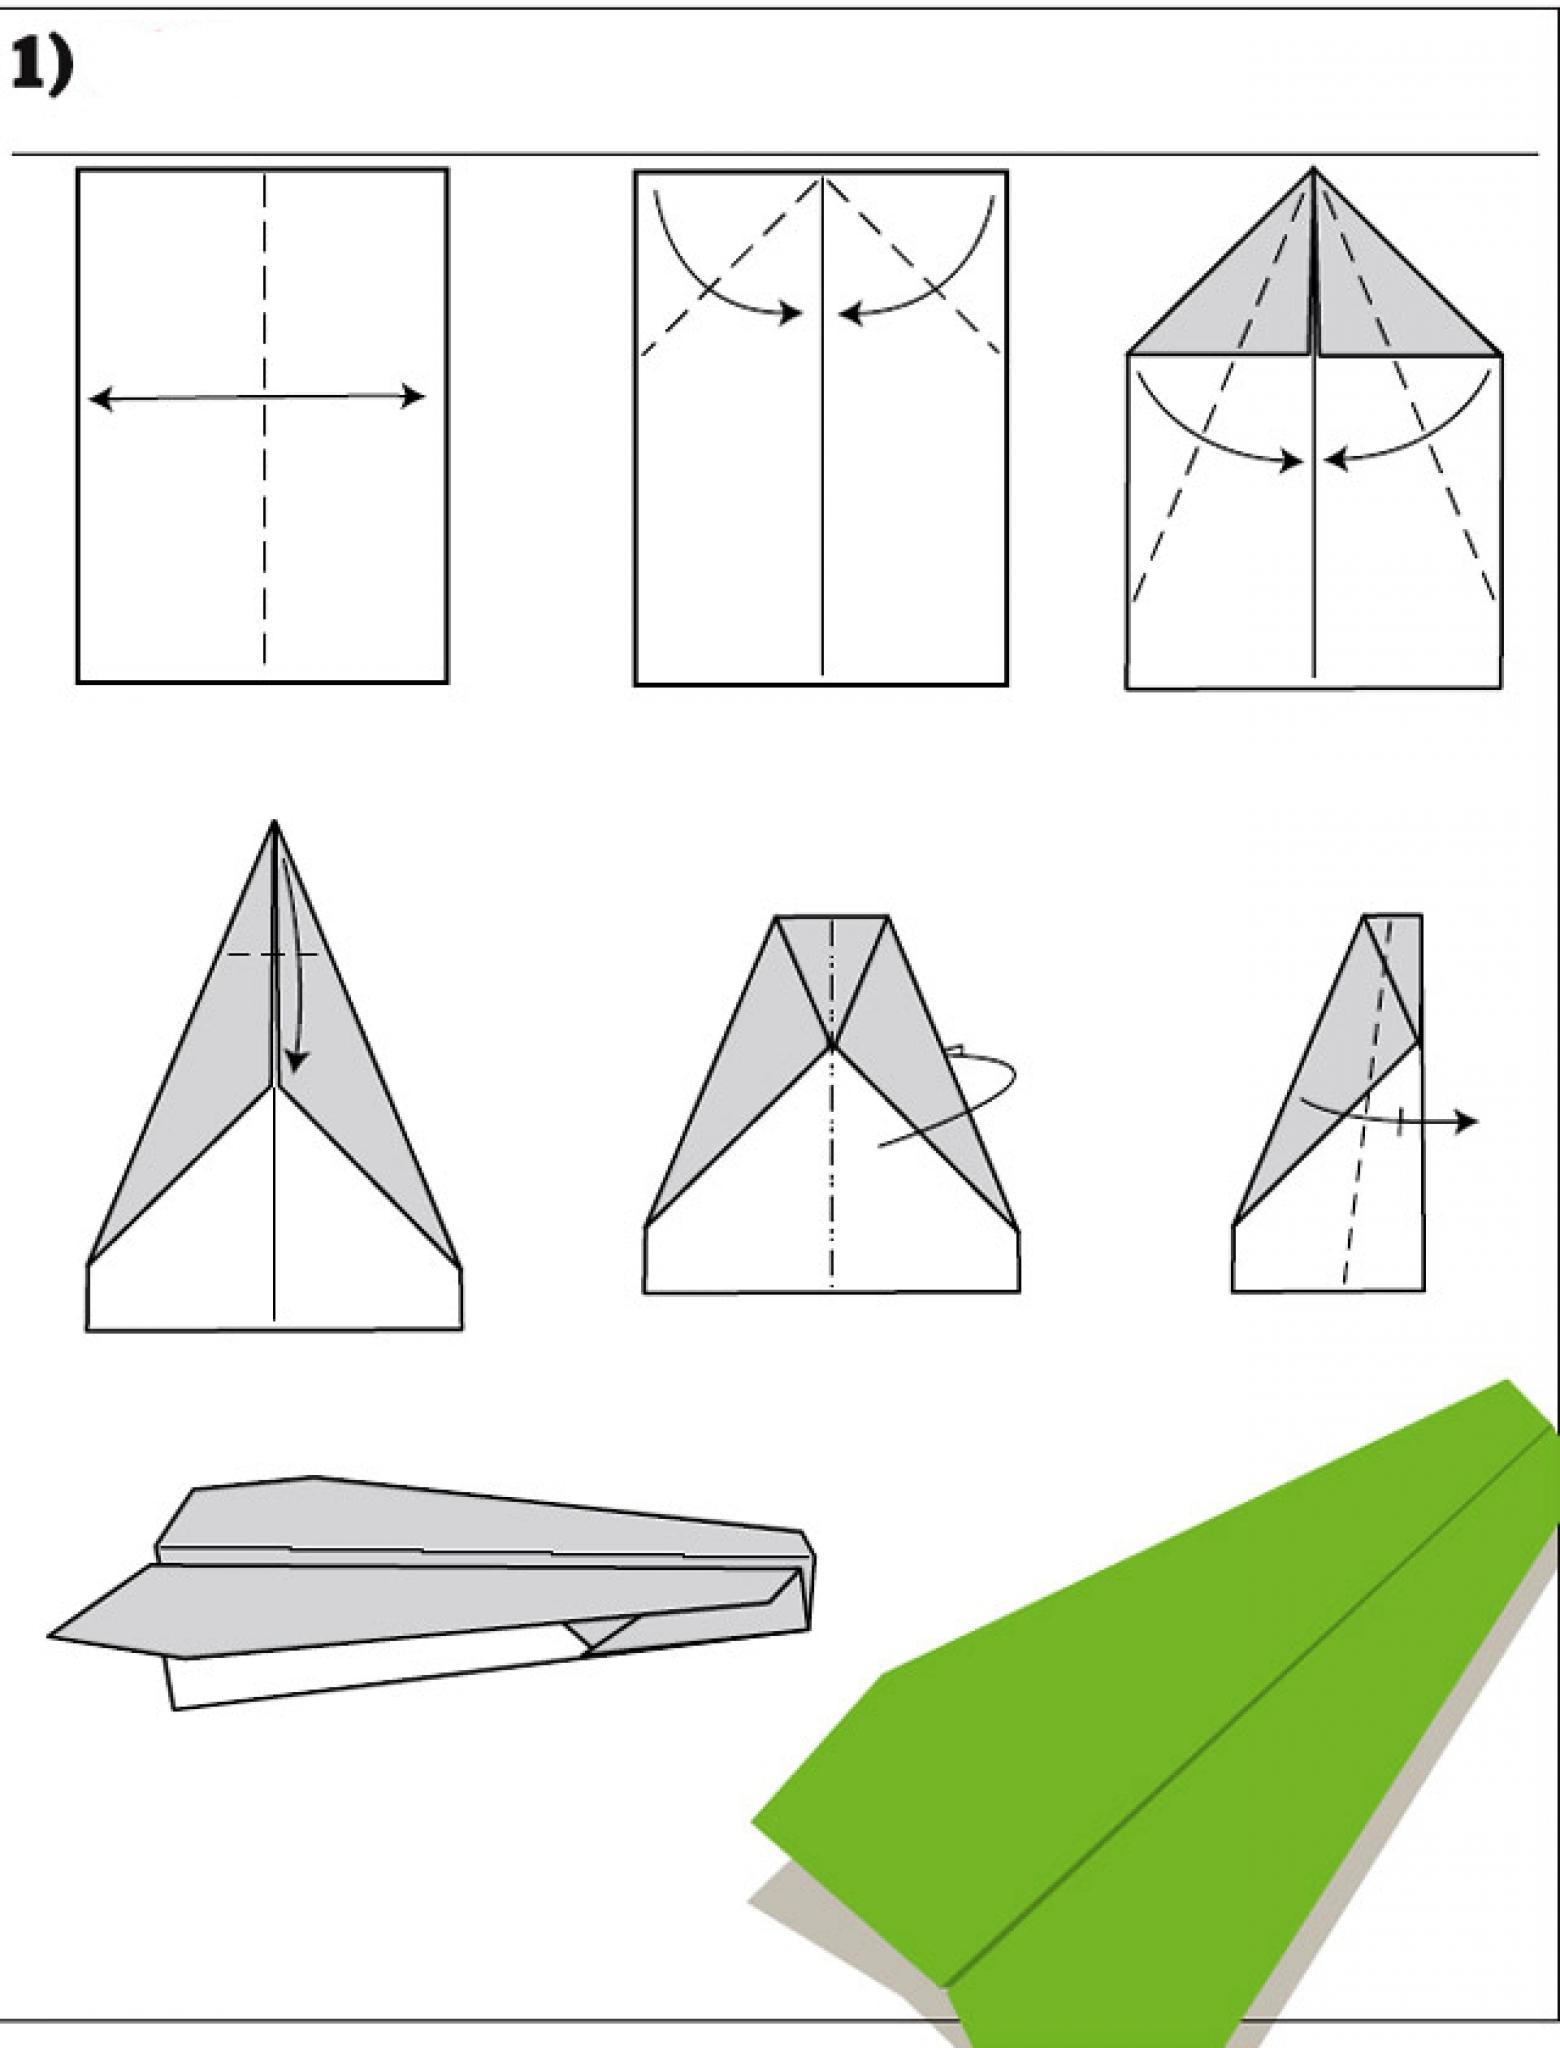 Как сделать самолет из бумаги который долго и плавно летает